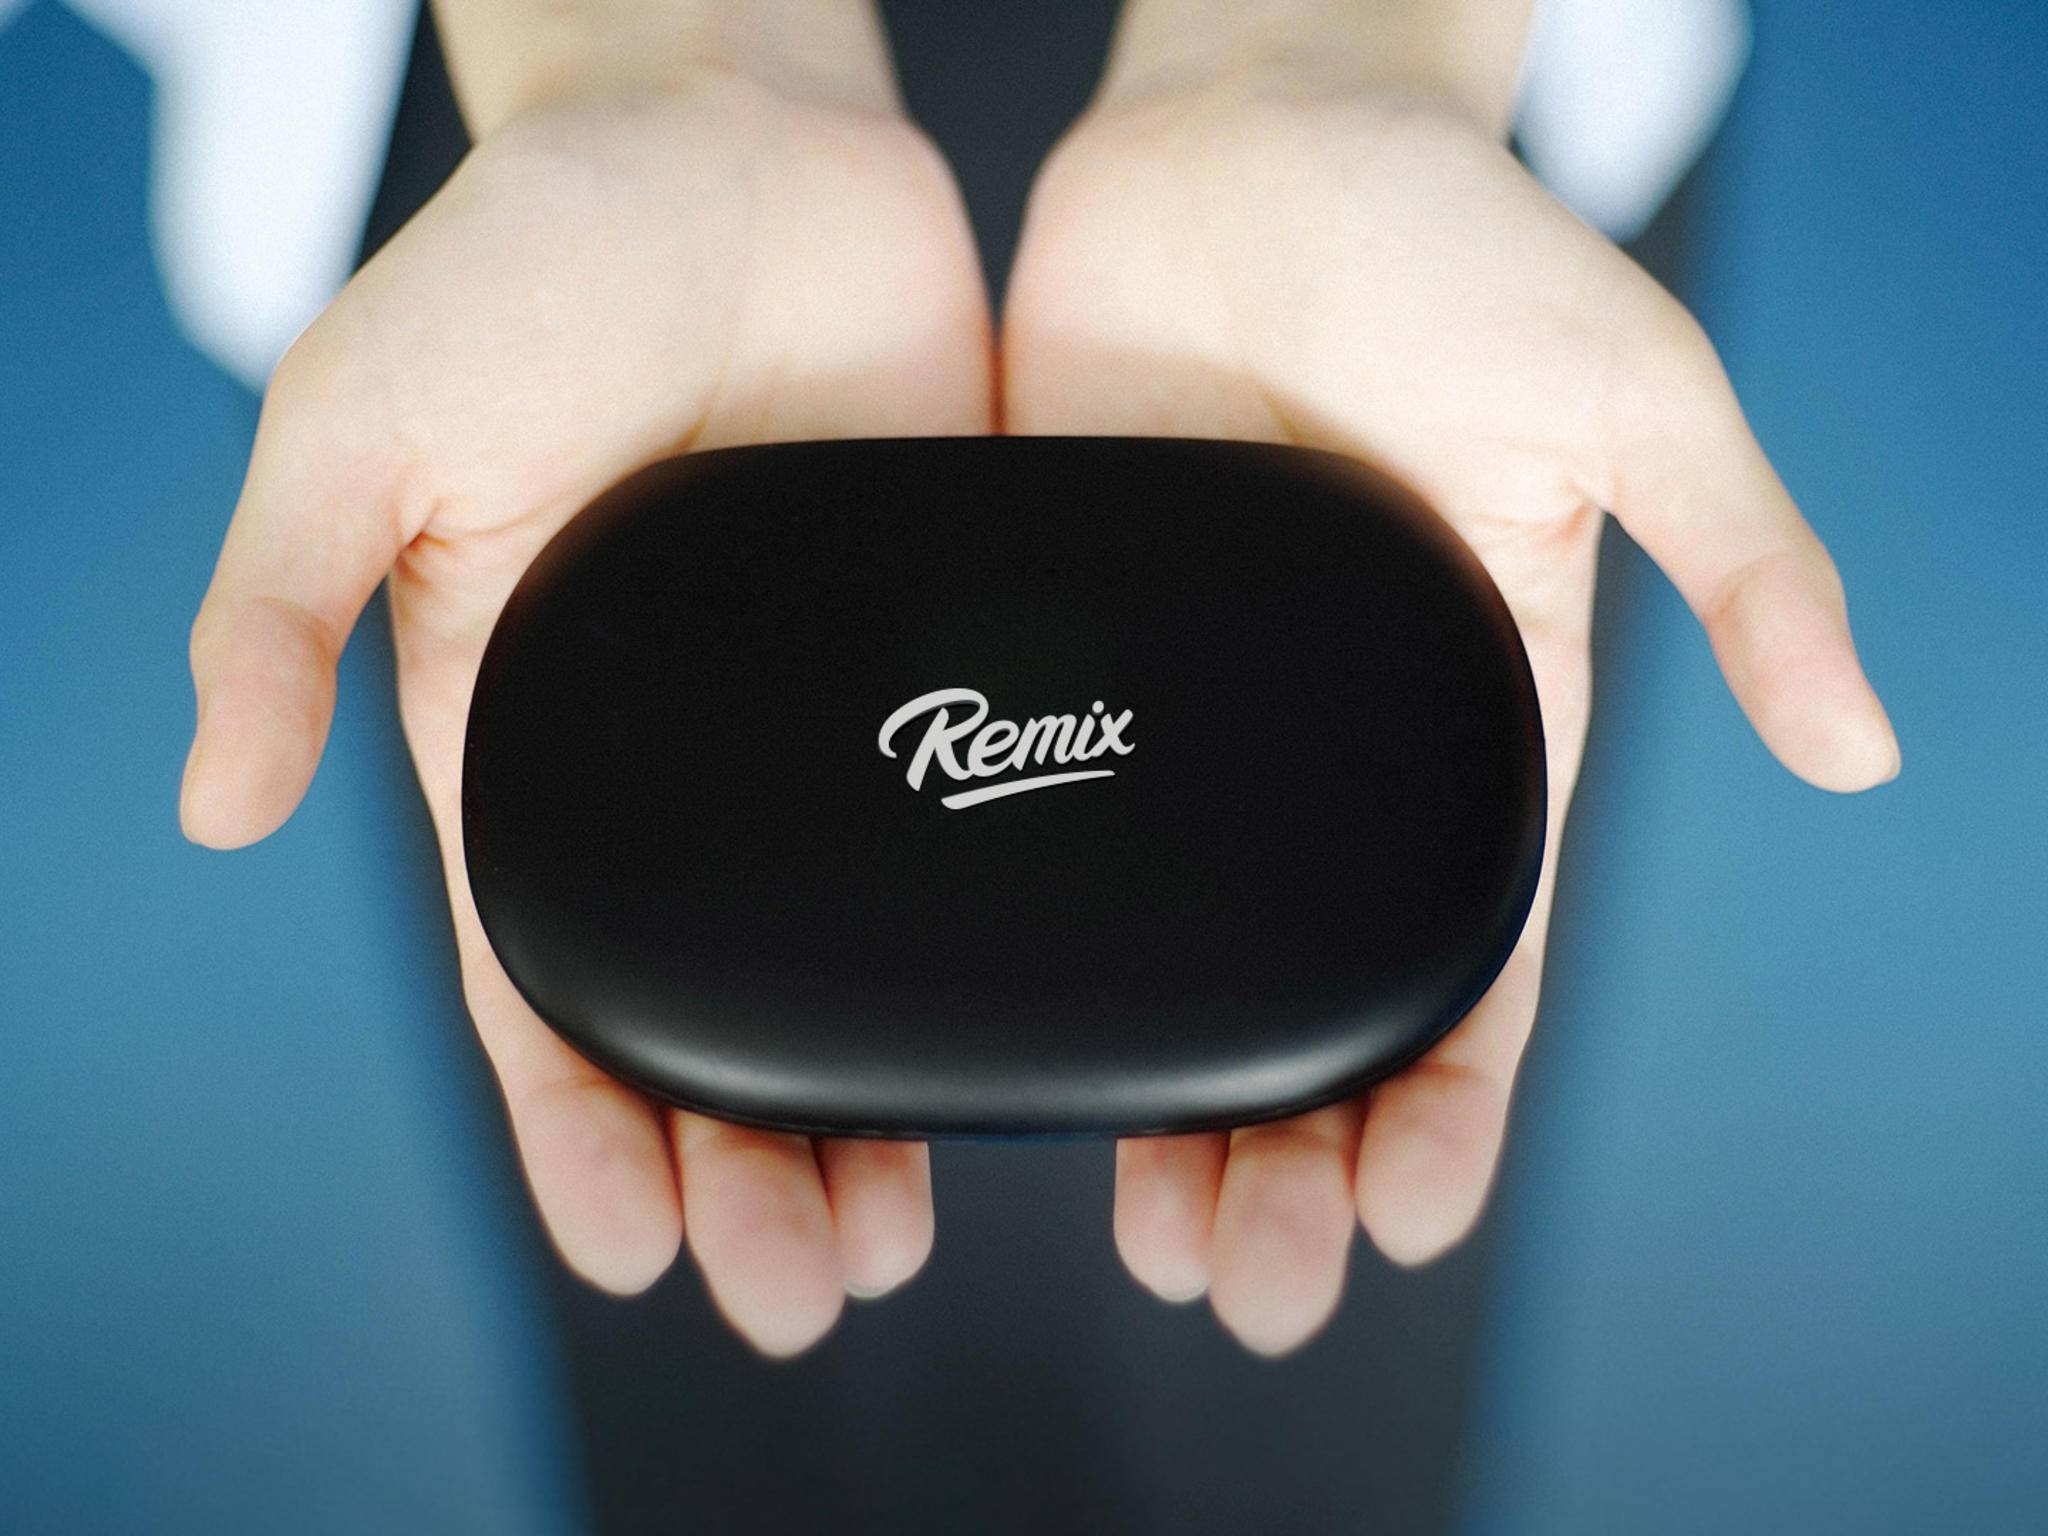 Der Remix Mini ist ein erfolgreiches Kickstarter-Projekt.